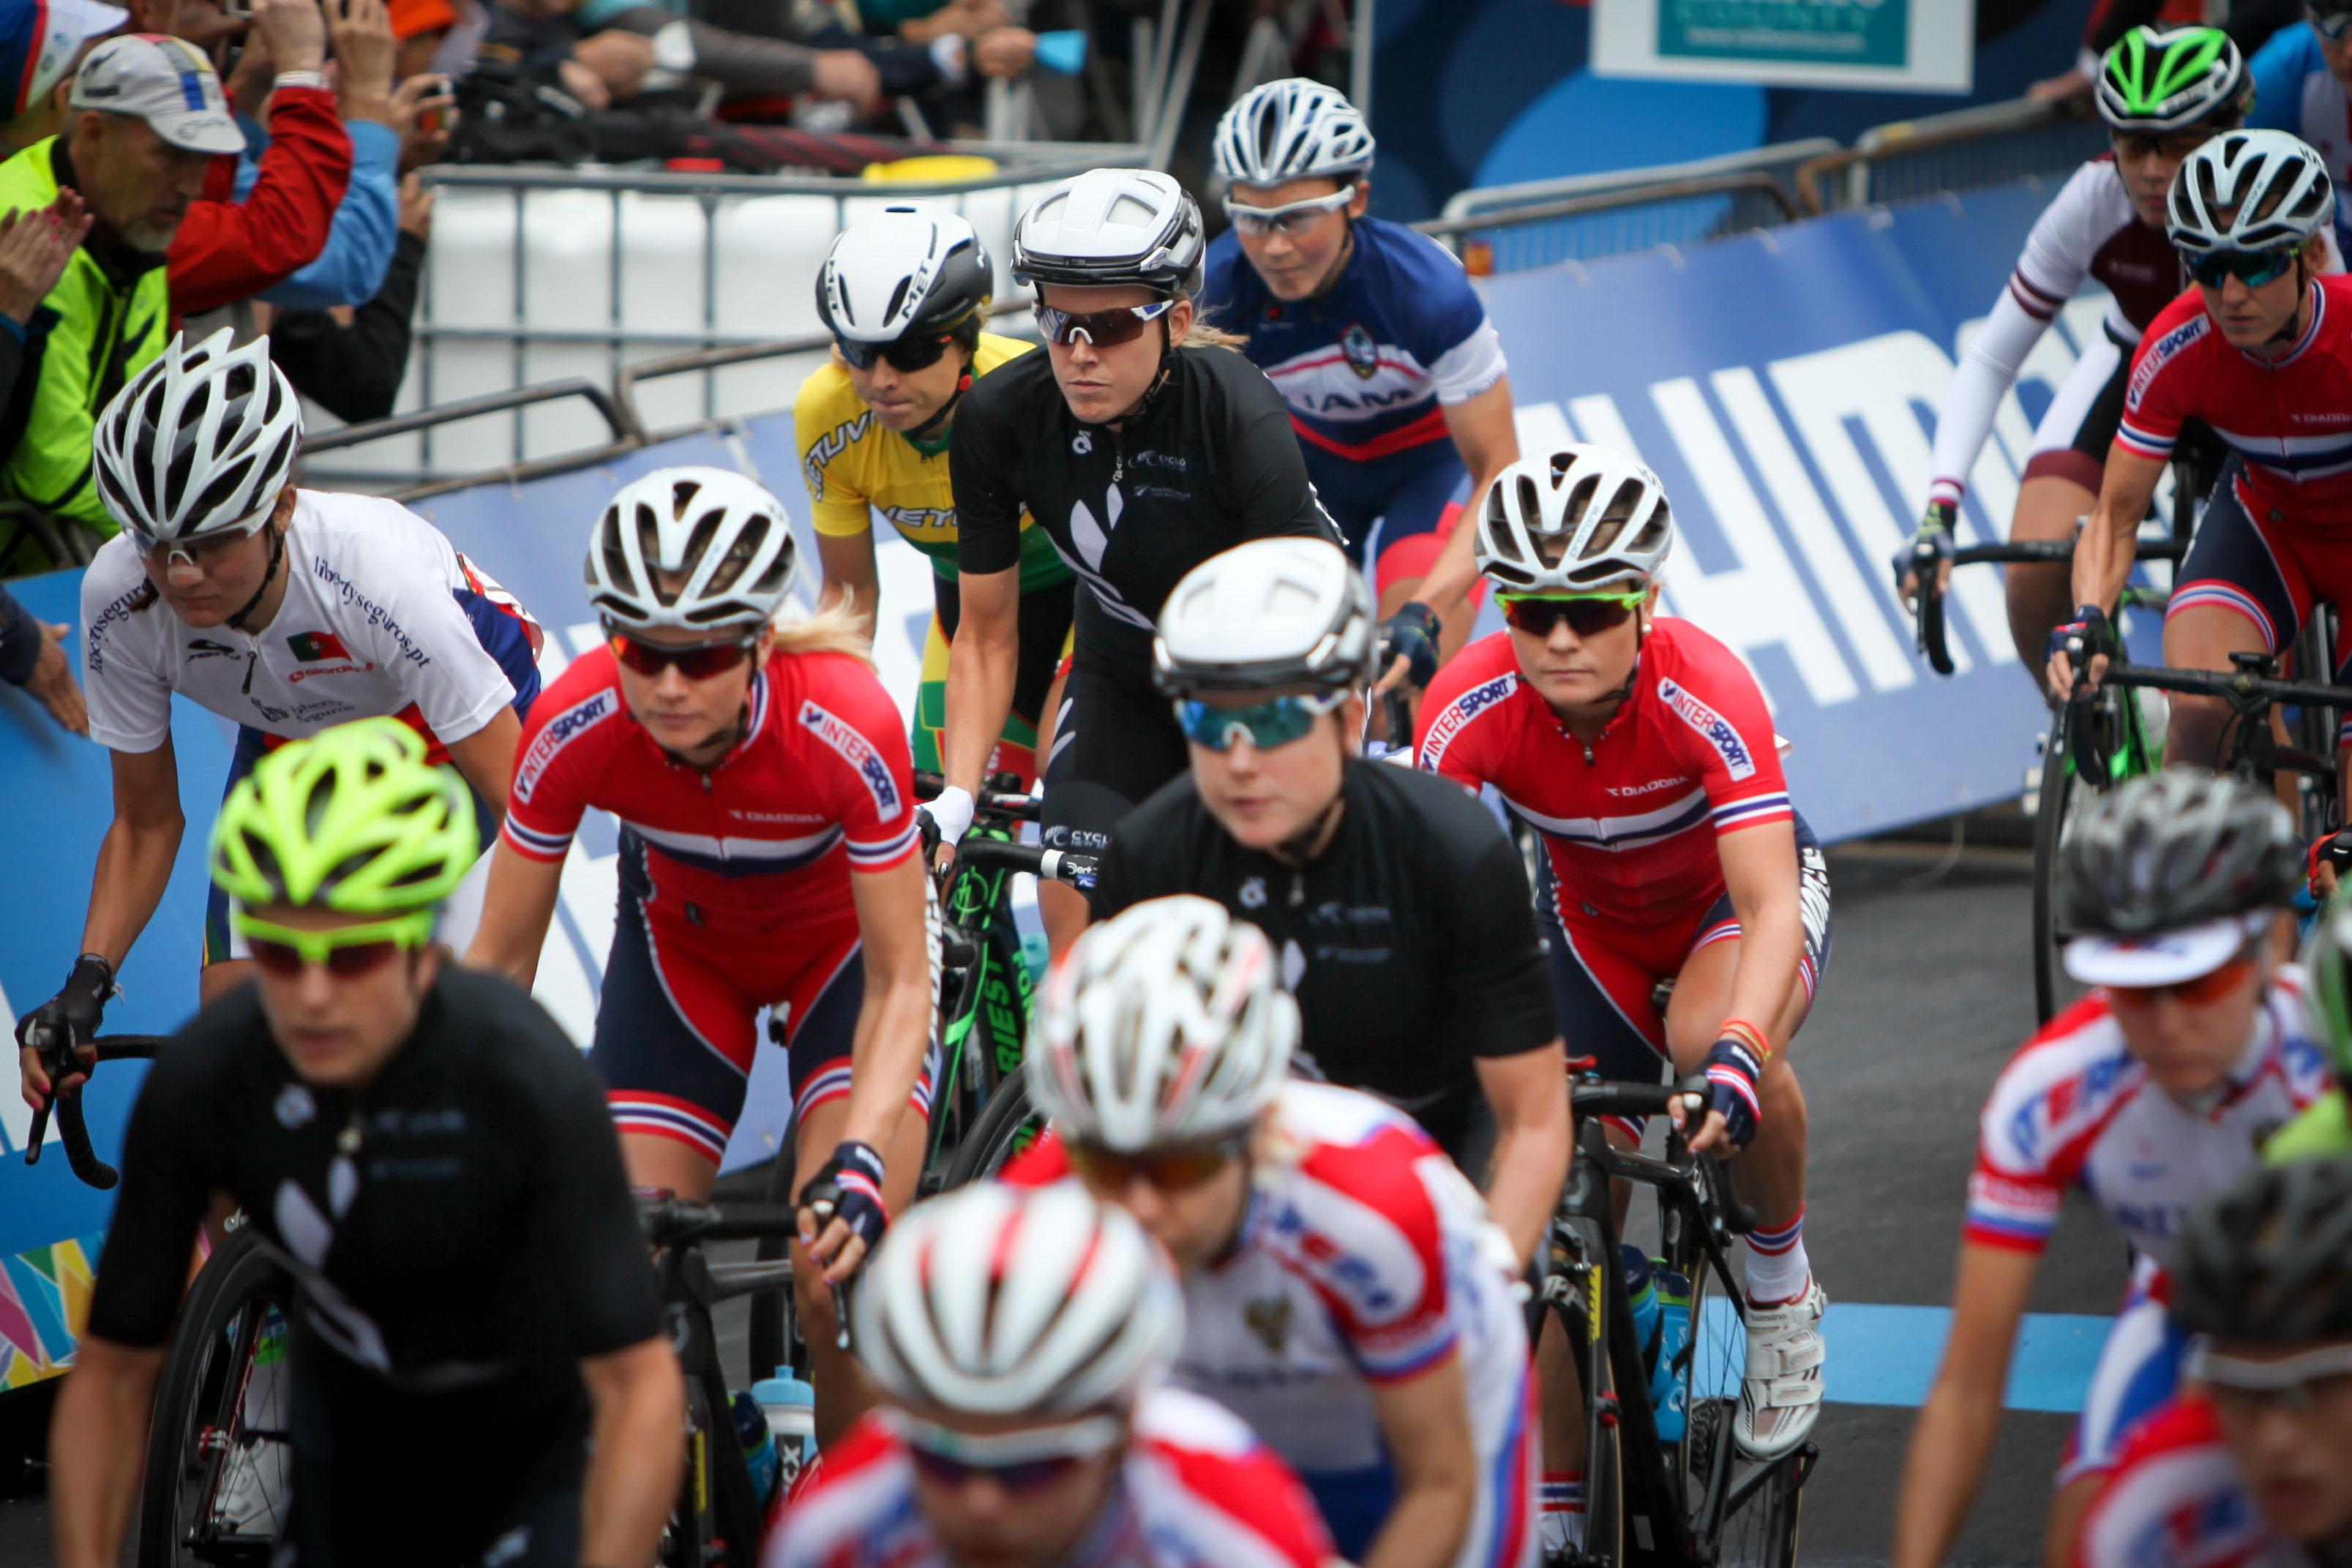 Tilbake: Ett år etter skrekkvelten i Ponferrada, syklet Miriam Bjørnsrud igjen VM, denne gang i Richmond. Foto: Kjetil R. Anda / Sykkelmagasinet